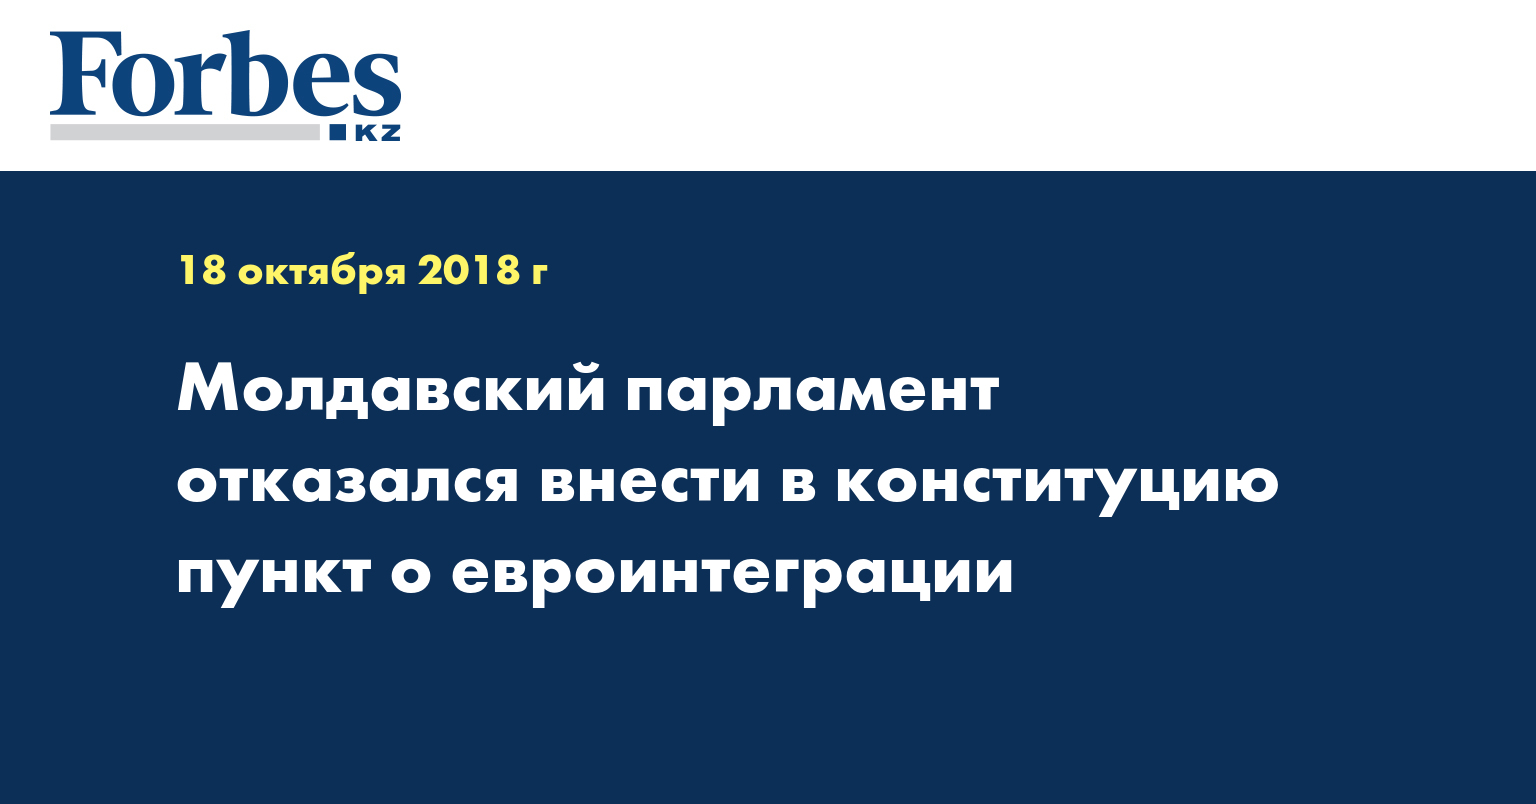 Молдавский парламент отказался внести в конституцию пункт о евроинтеграции